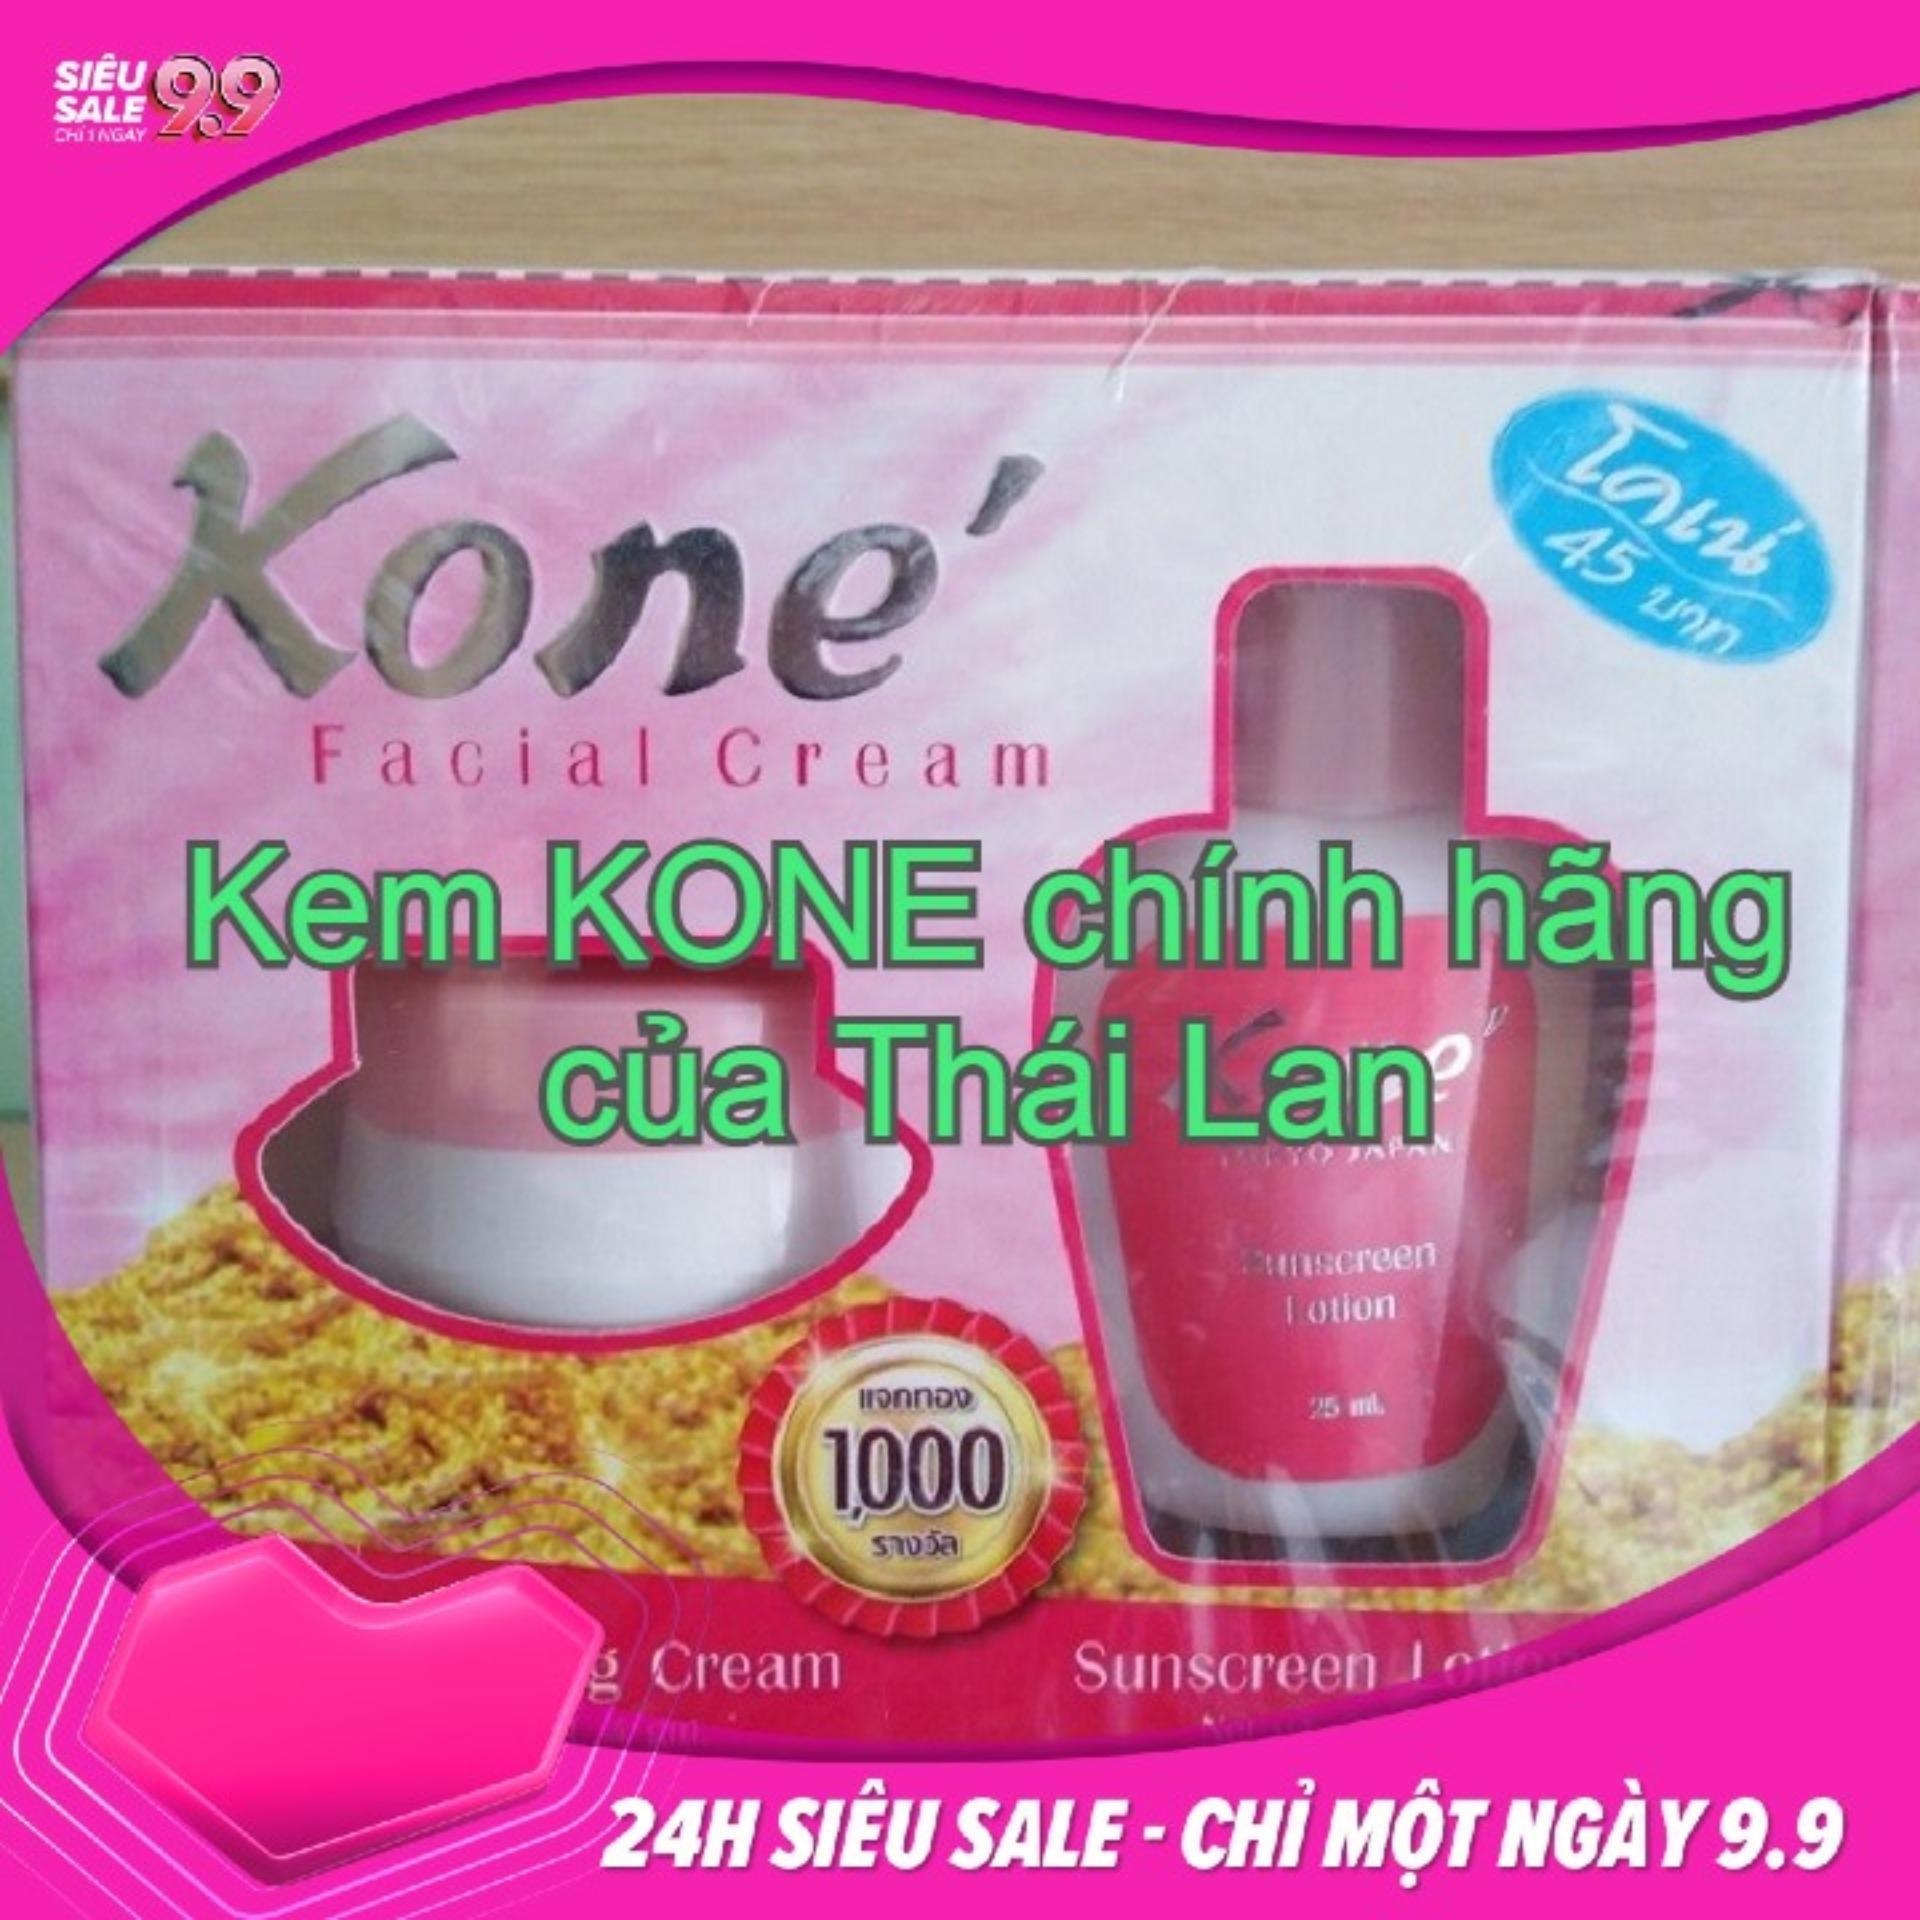 Bộ kem Kone giảm nám, tàn nhan, mụn của Thái tốt nhất